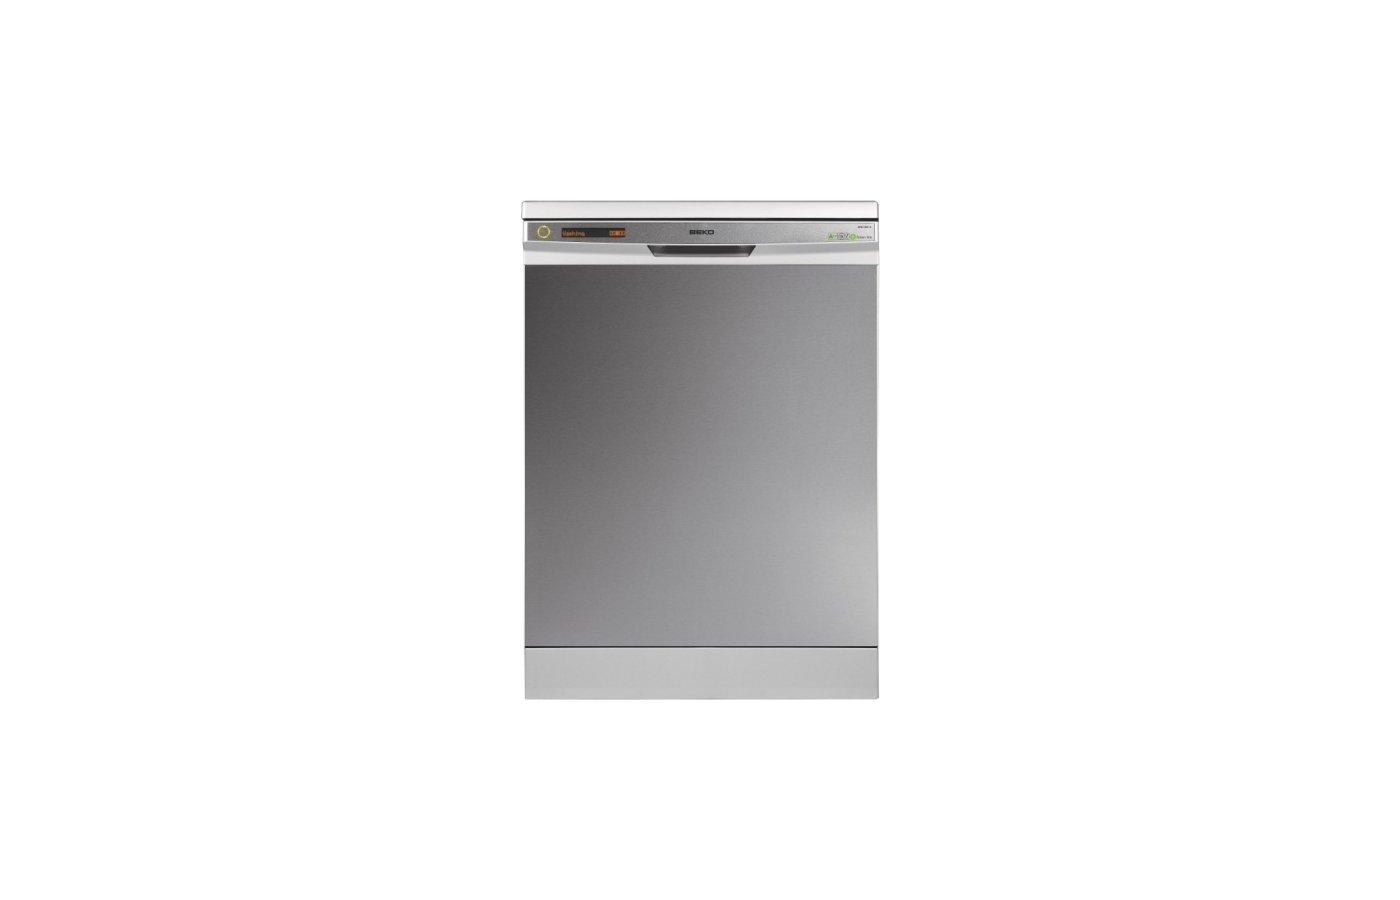 Посудомоечная машина BEKO DFN 1001 X